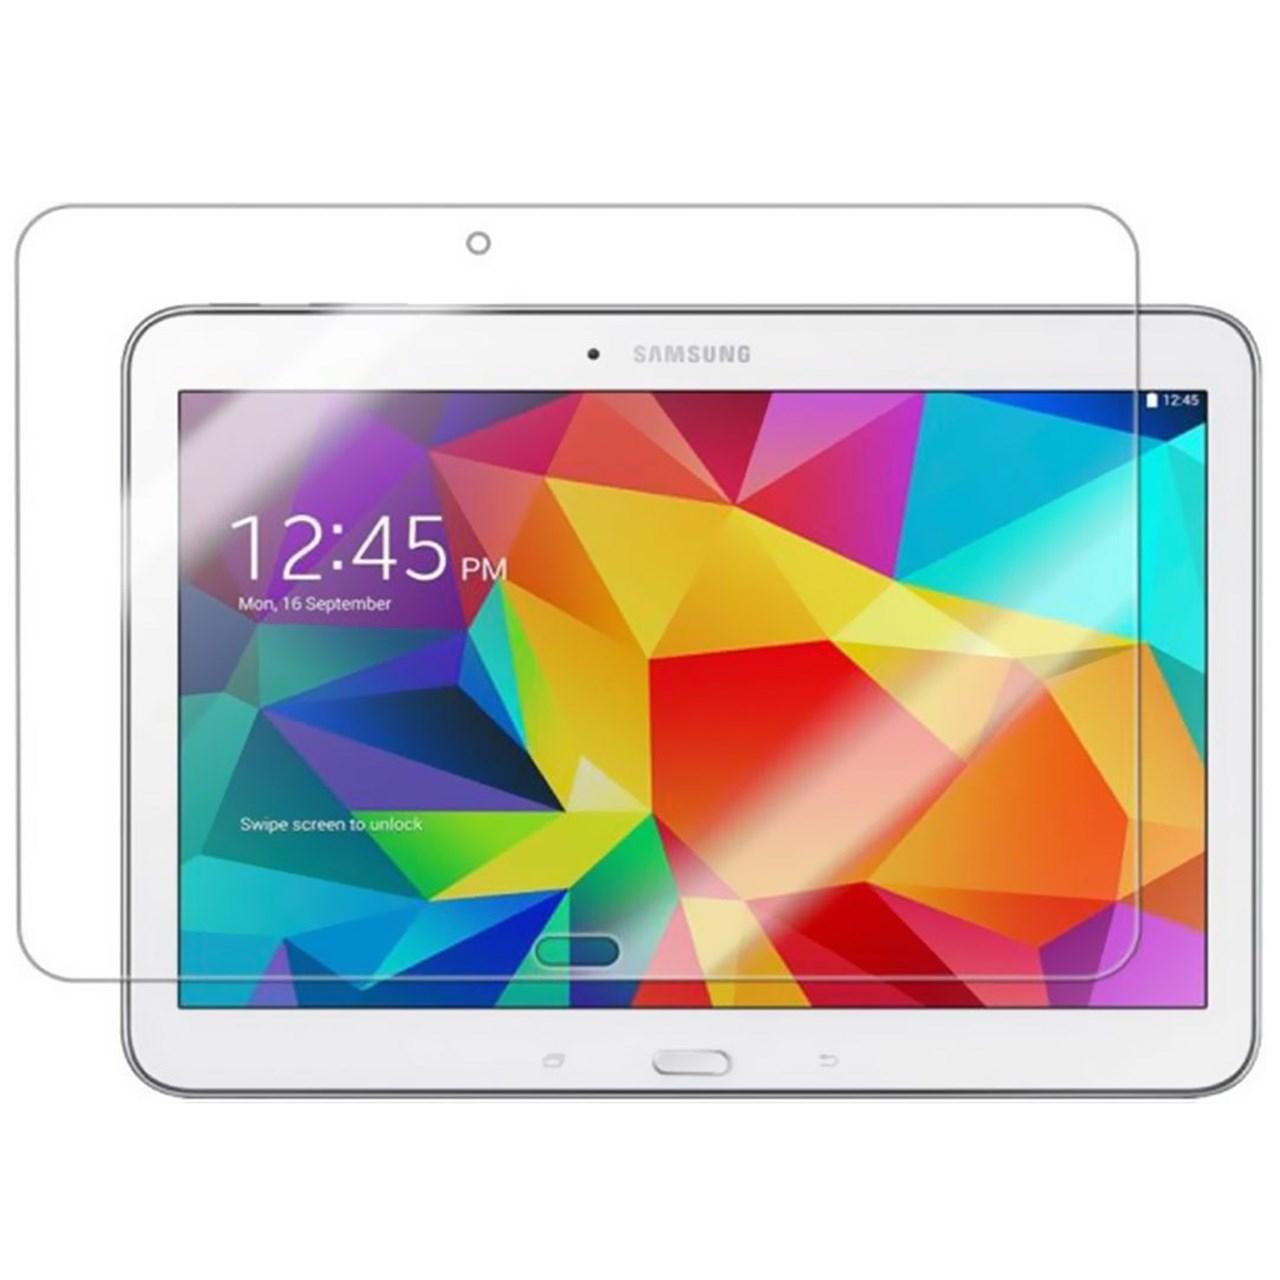 محافظ صفحه نمایش شیشه ای تمپرد مناسب برای تبلت سامسونگ Galaxy Tab 4 10.1